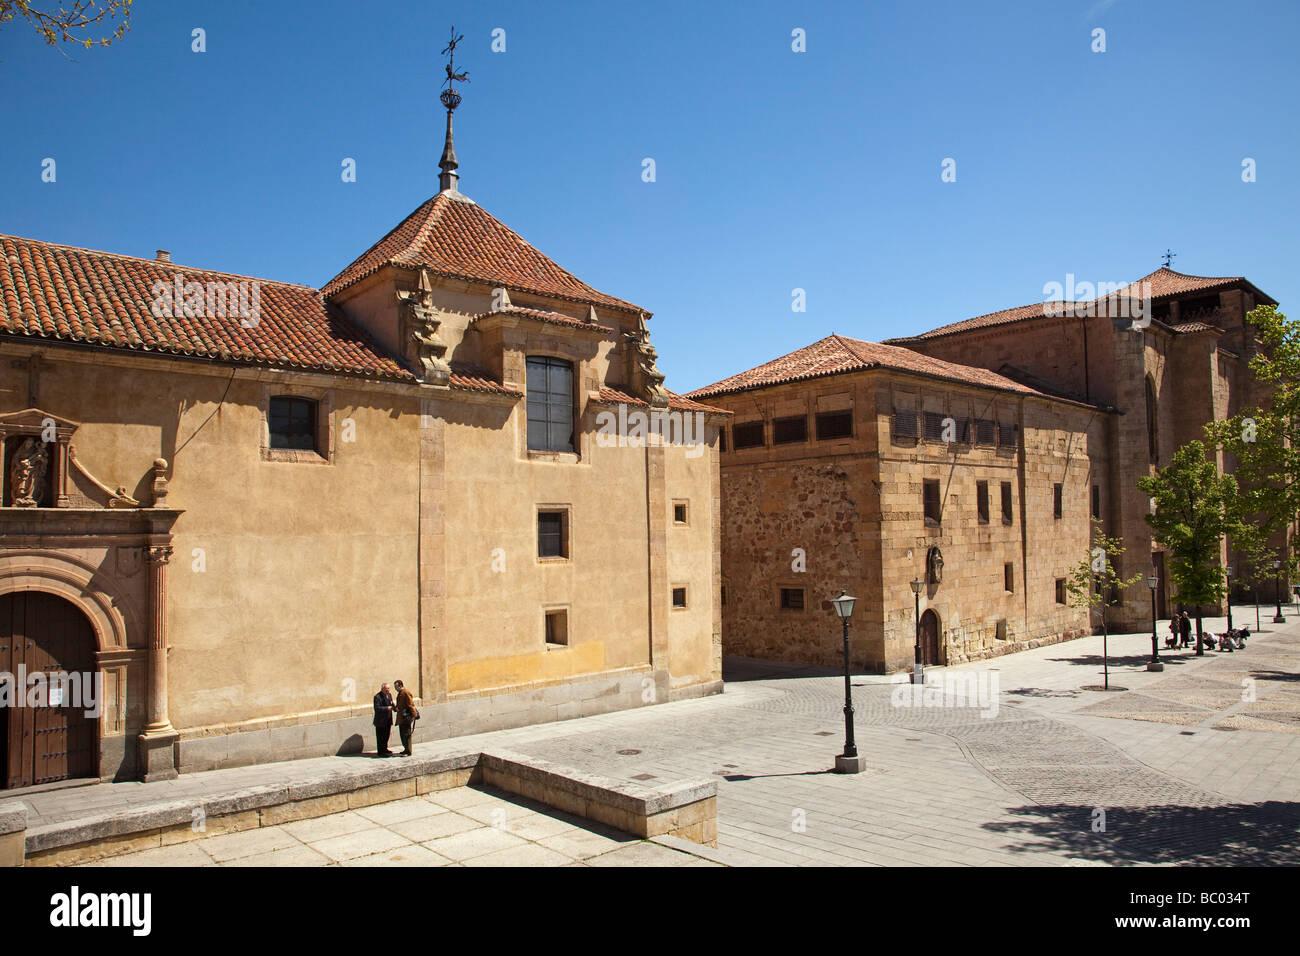 Chapel of the Veracruz and Santa Ursula convent of Salamanca Castilla Leon Spain - Stock Image